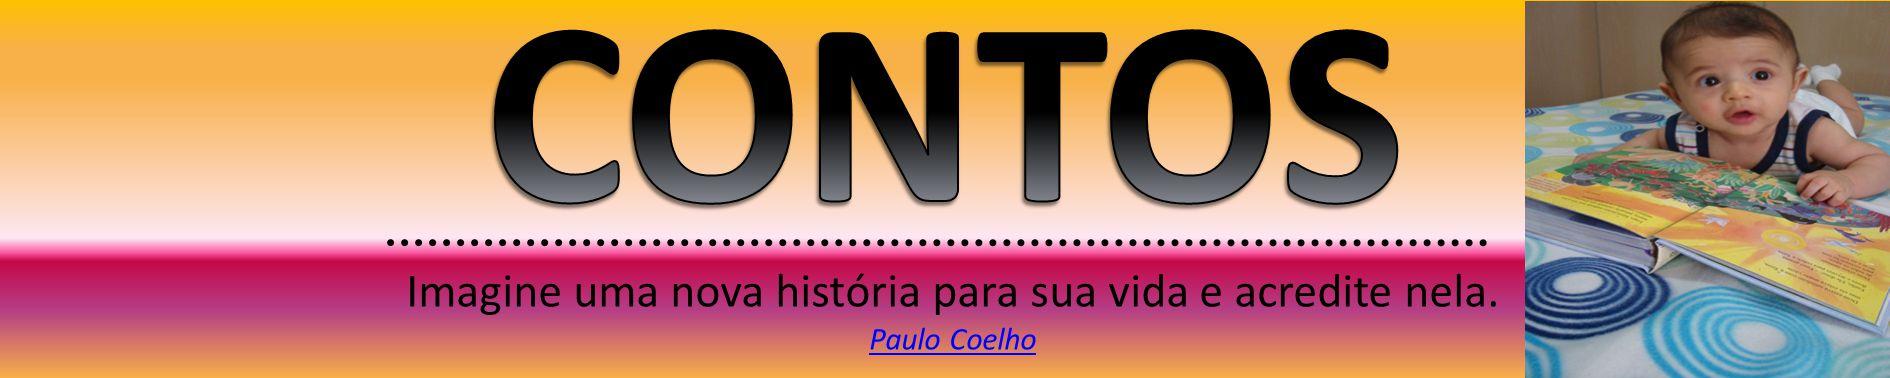 Imagine uma nova história para sua vida e acredite nela. Paulo Coelho